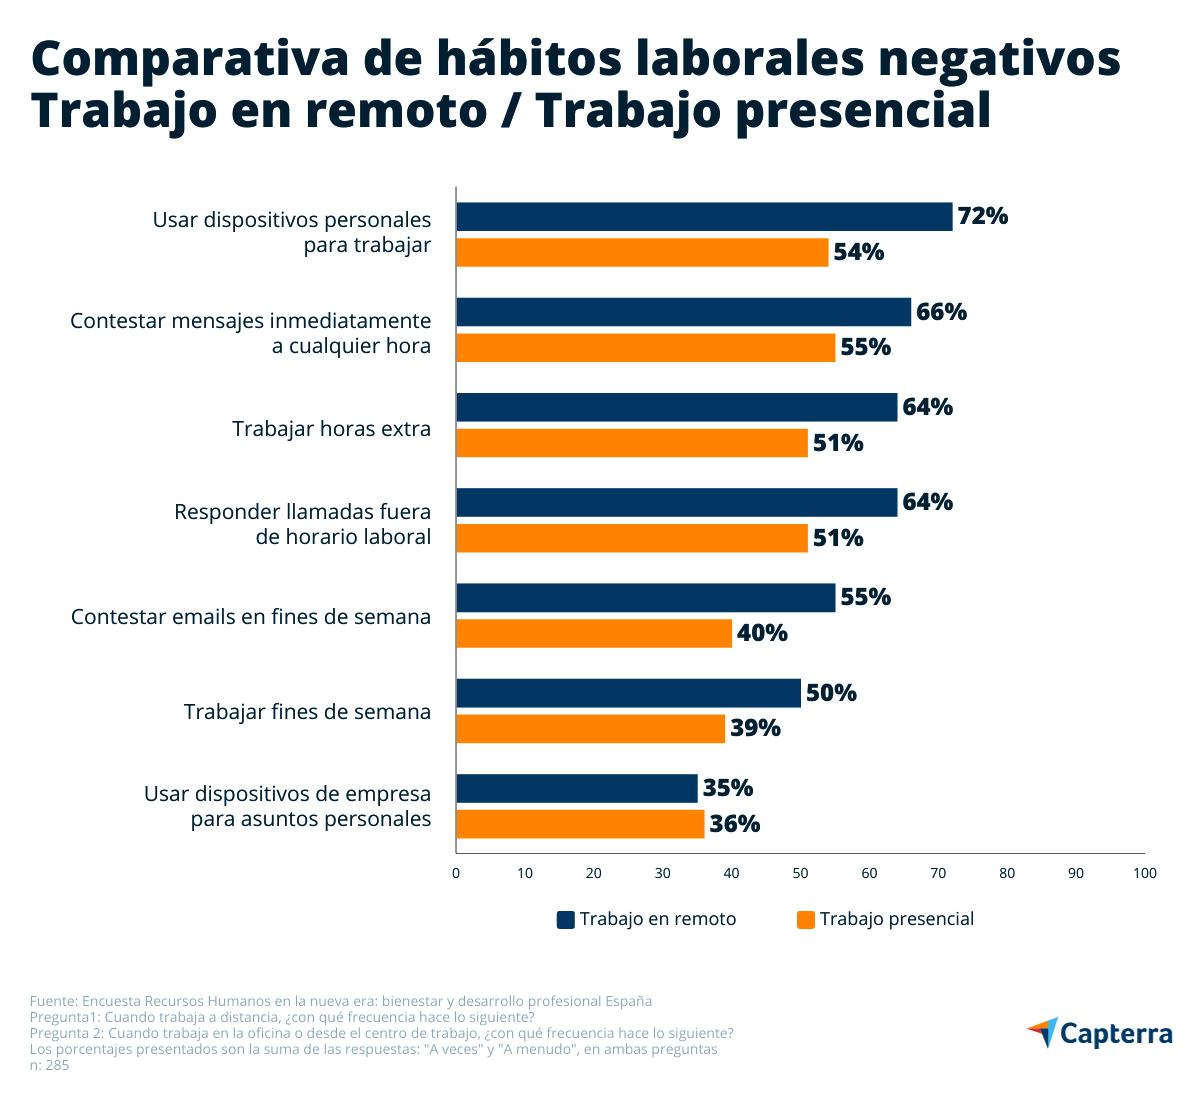 Más frecuencia de hábitos laborales negativos durante el teletrabajo